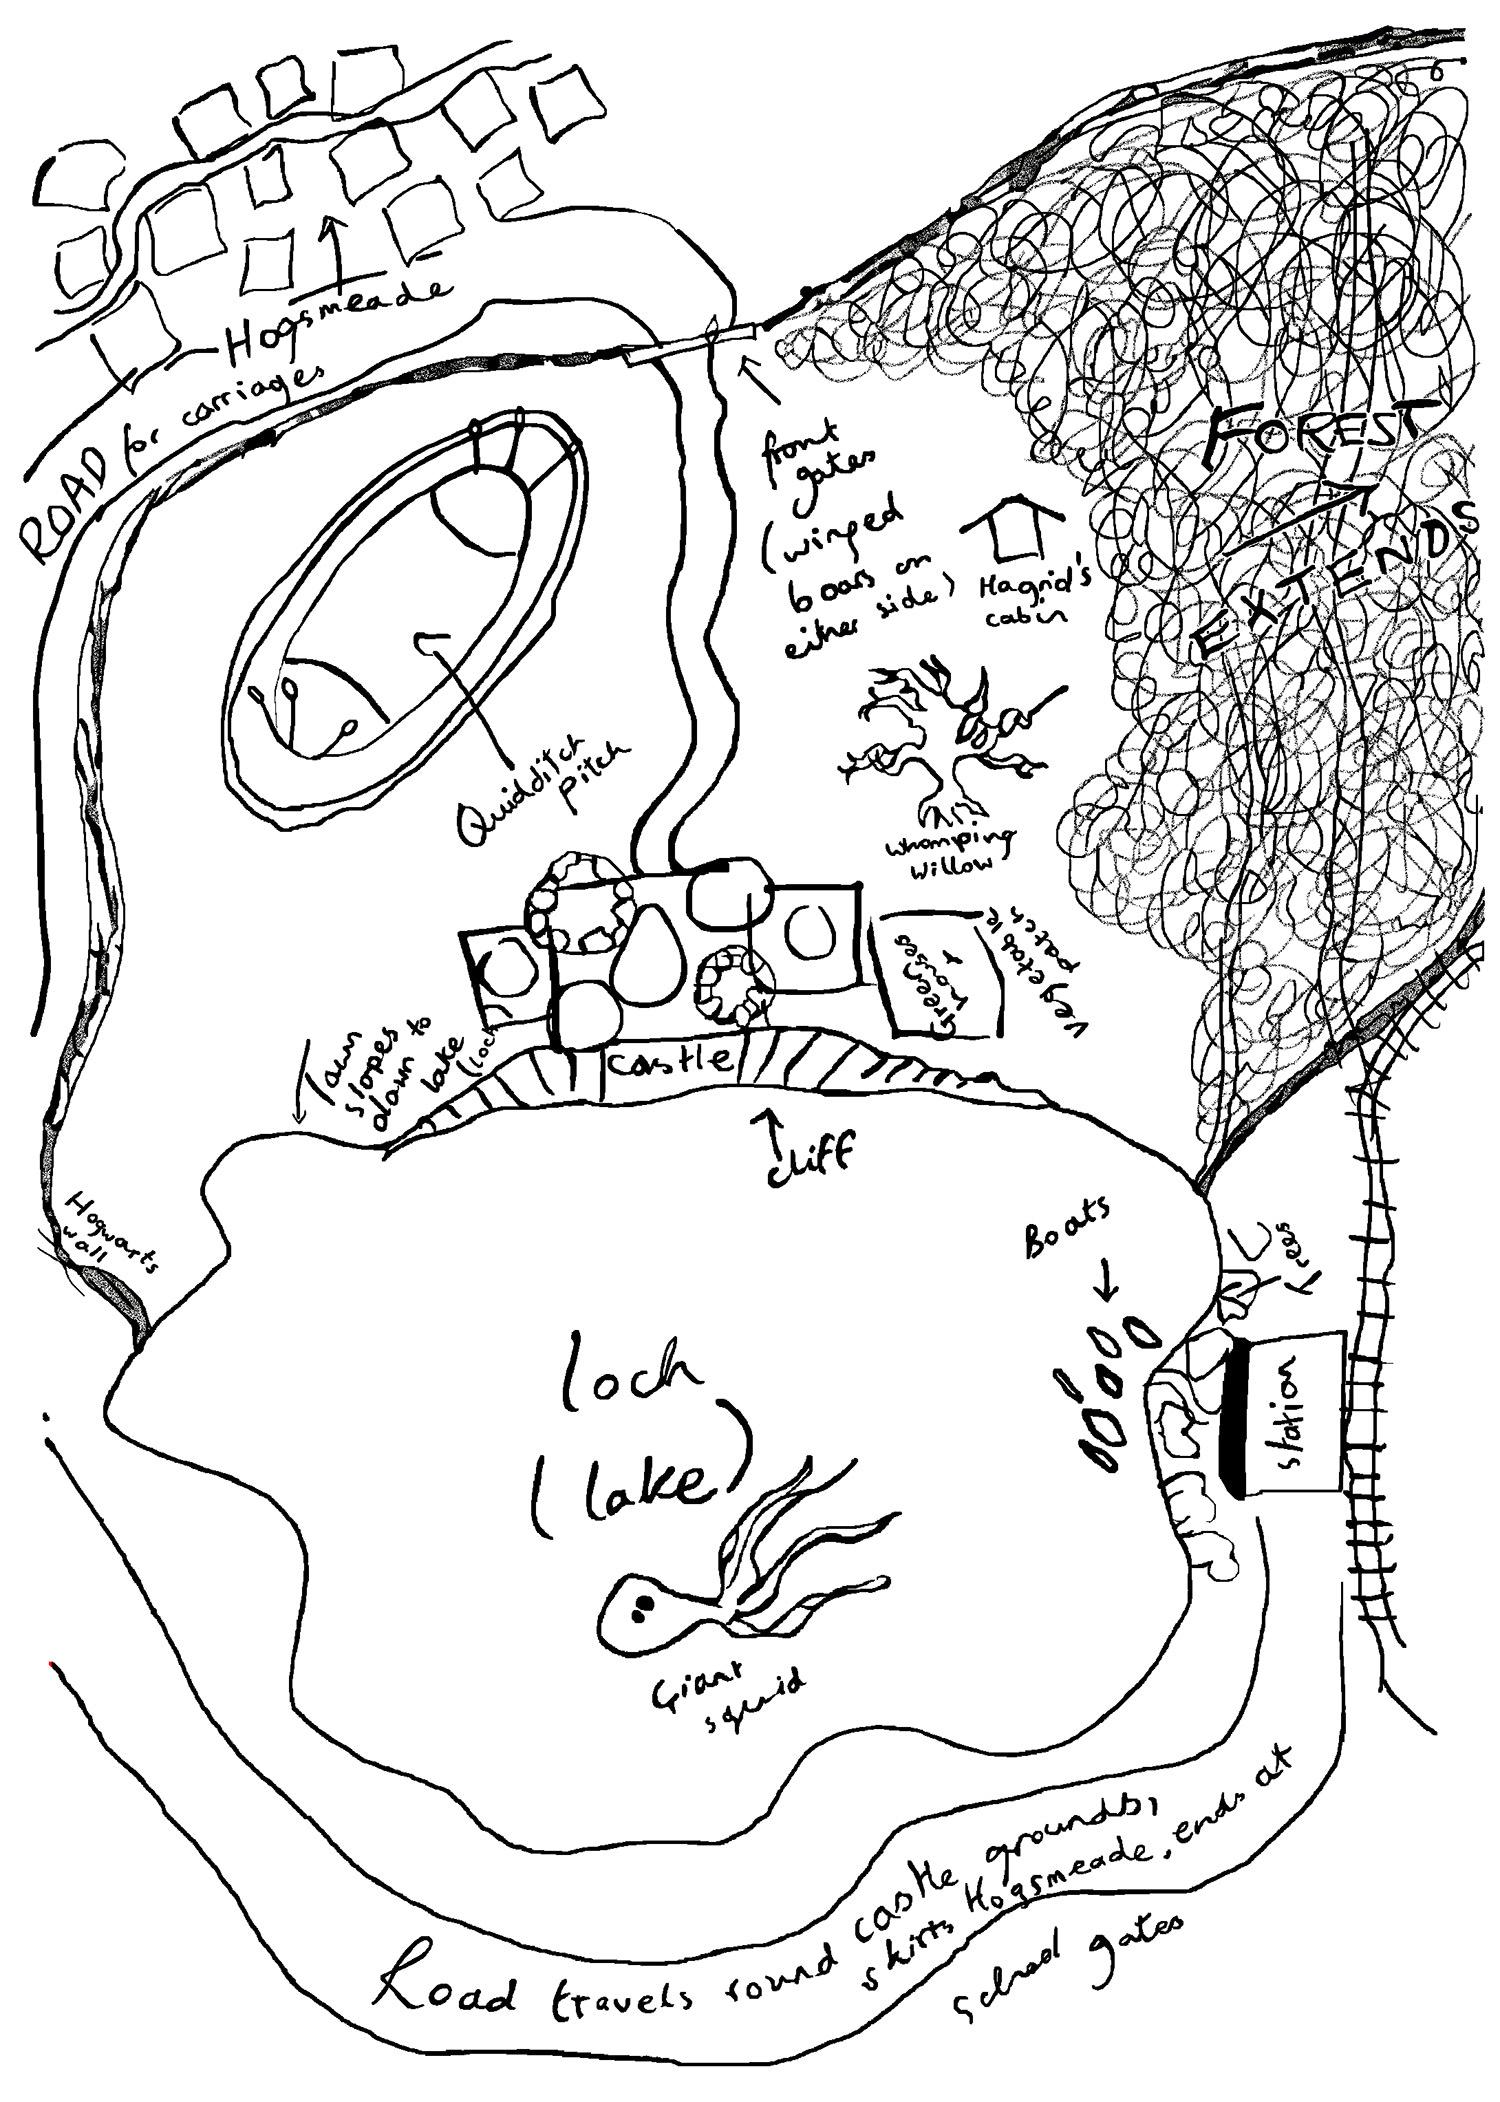 J.K. Rowling's original Hogwarts sketch